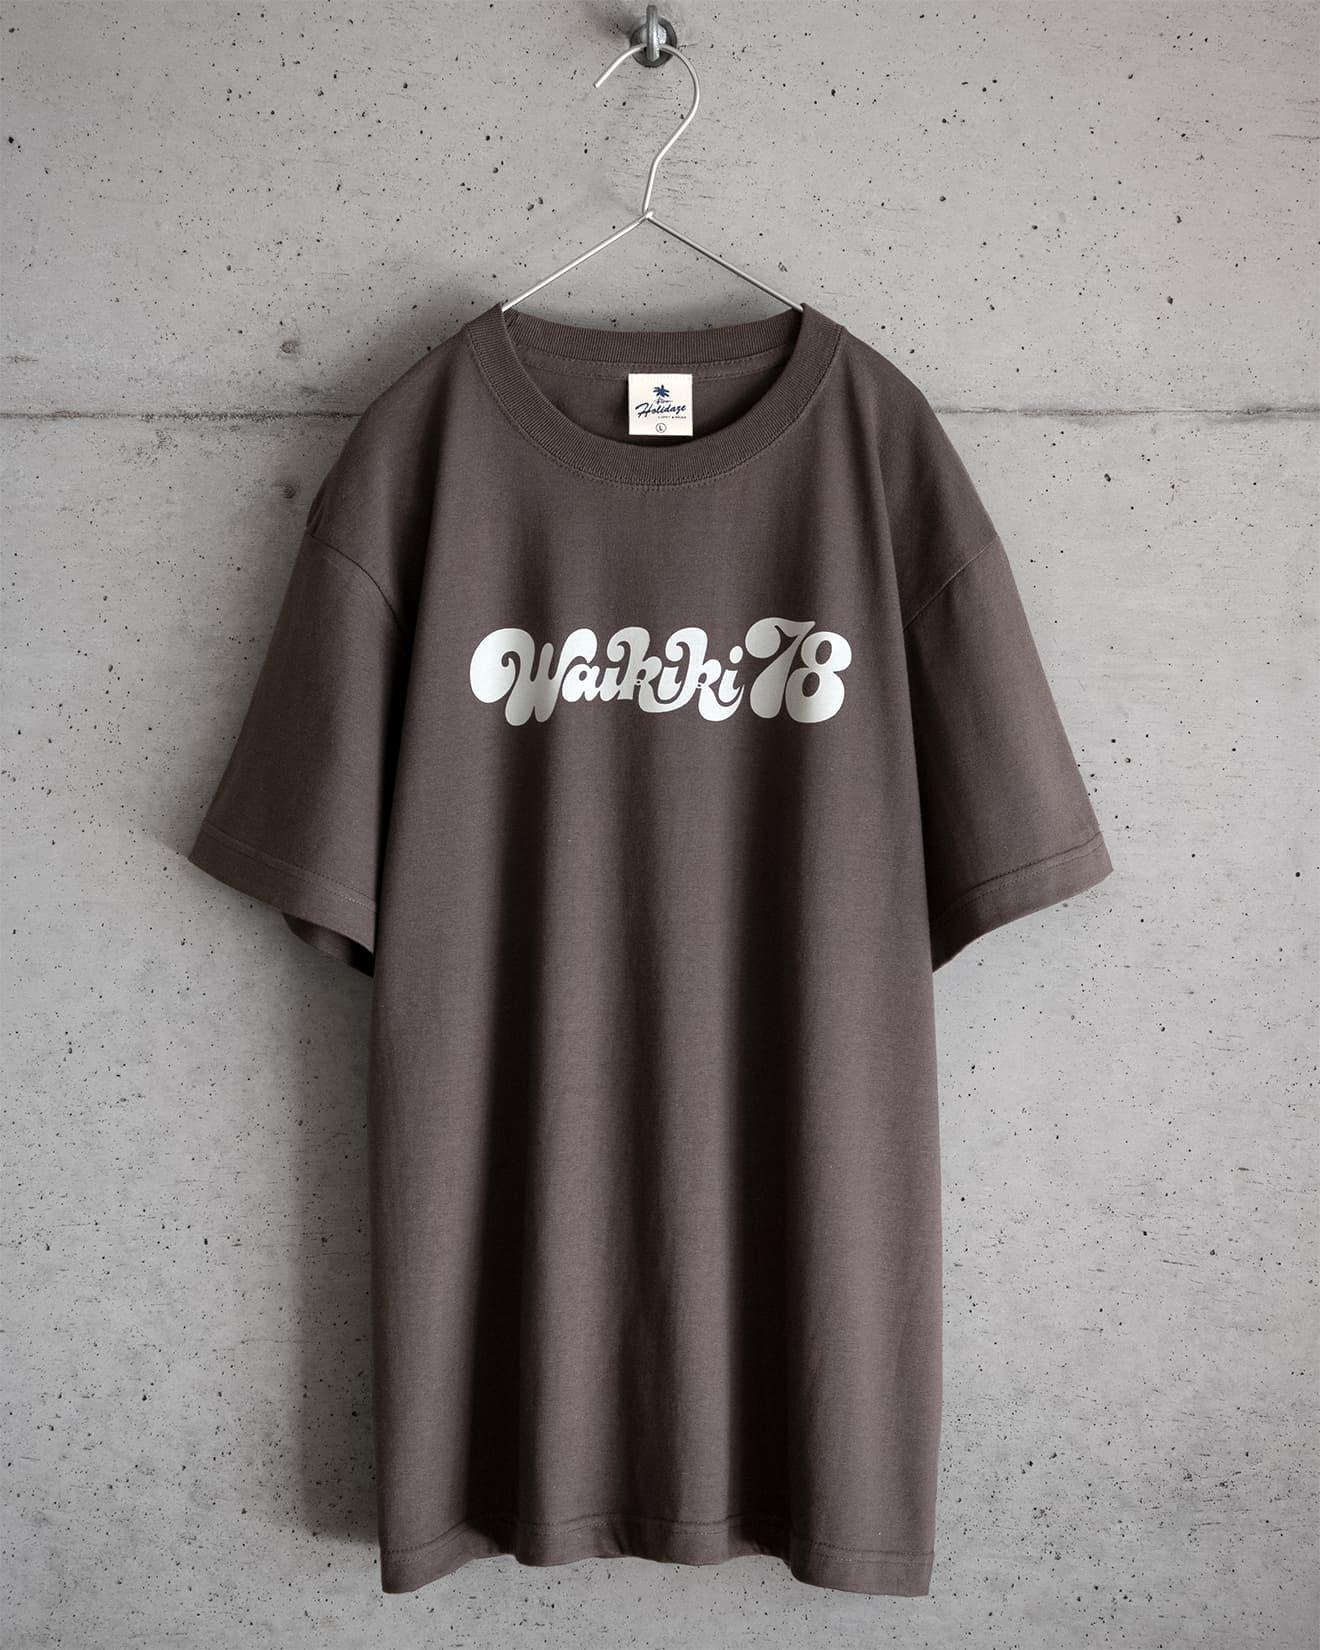 ホリデイズのサーフ系 WAIKIKI'78 Tシャツ